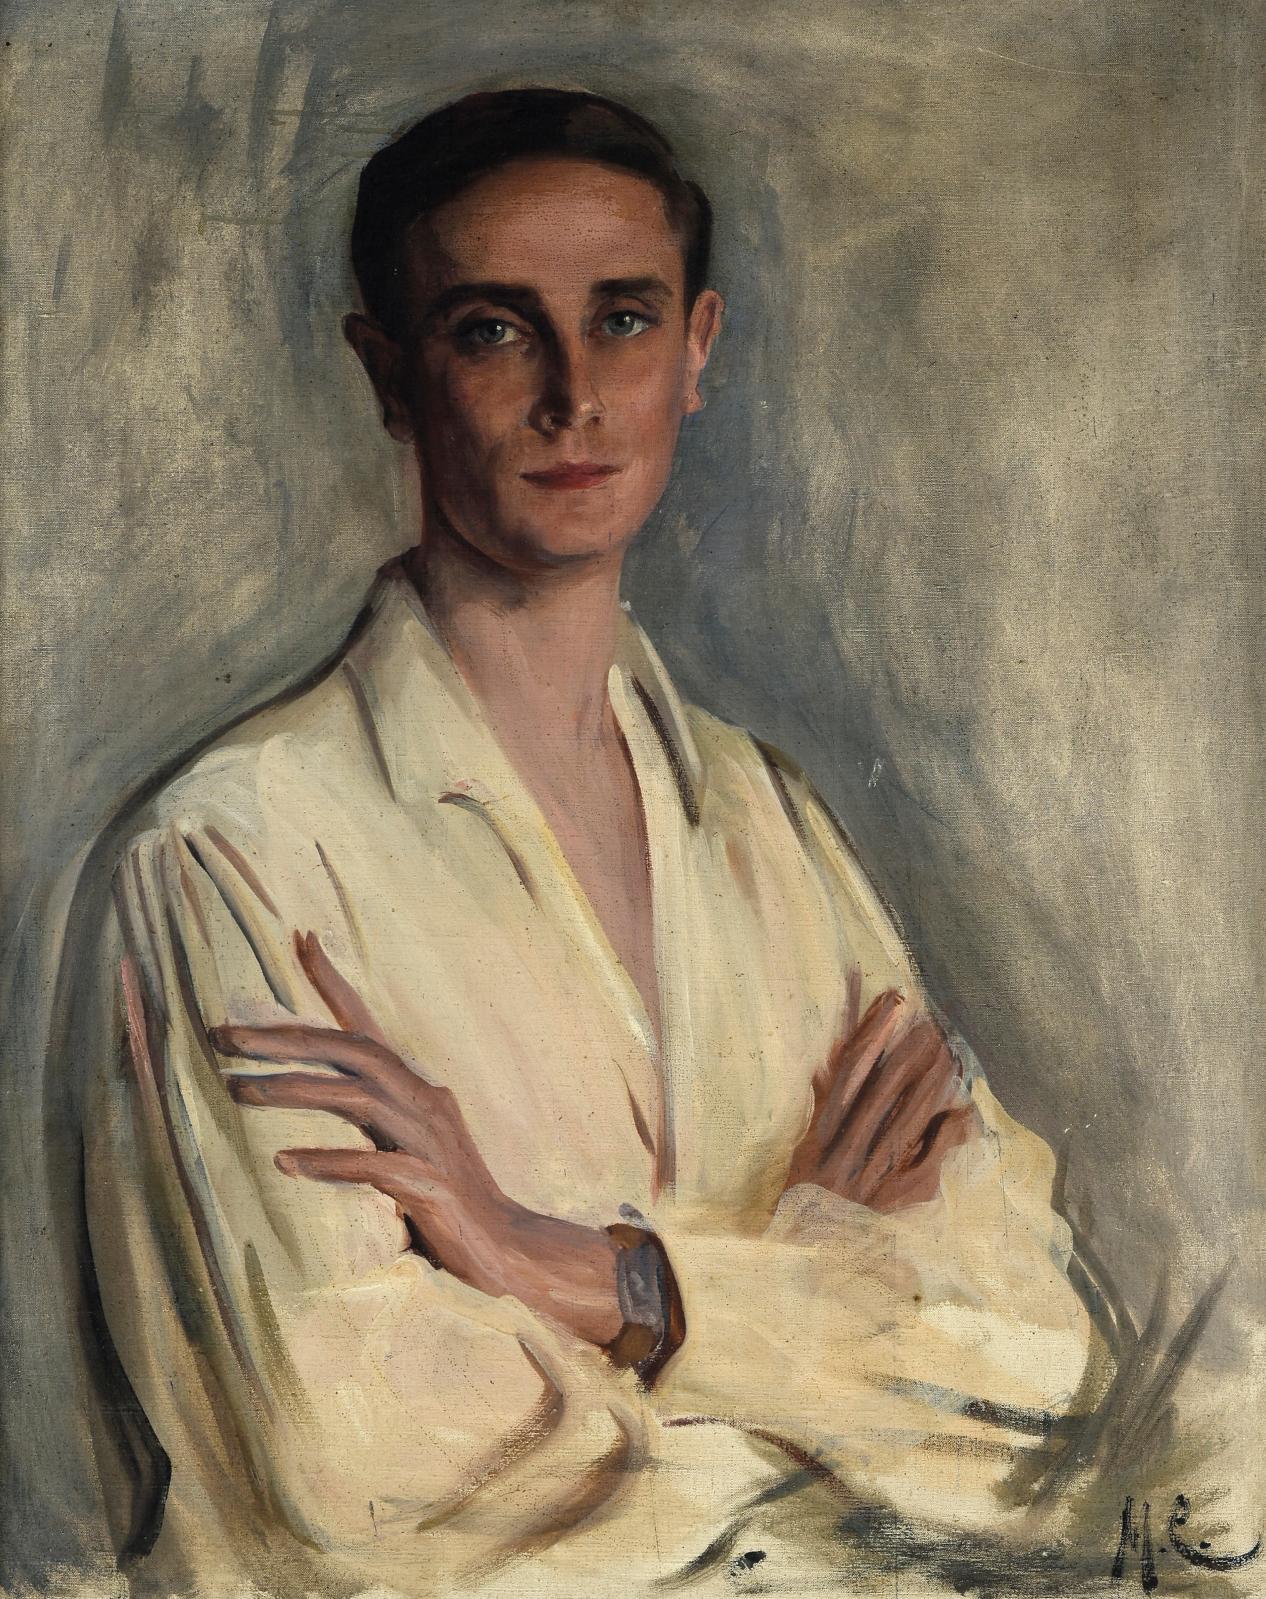 La belle allure du prince Félix Félixovith Youssoupoff (1887-1967) a valu à son portrait (80 x63cm) –déjà remarqué page27 dans le Focu